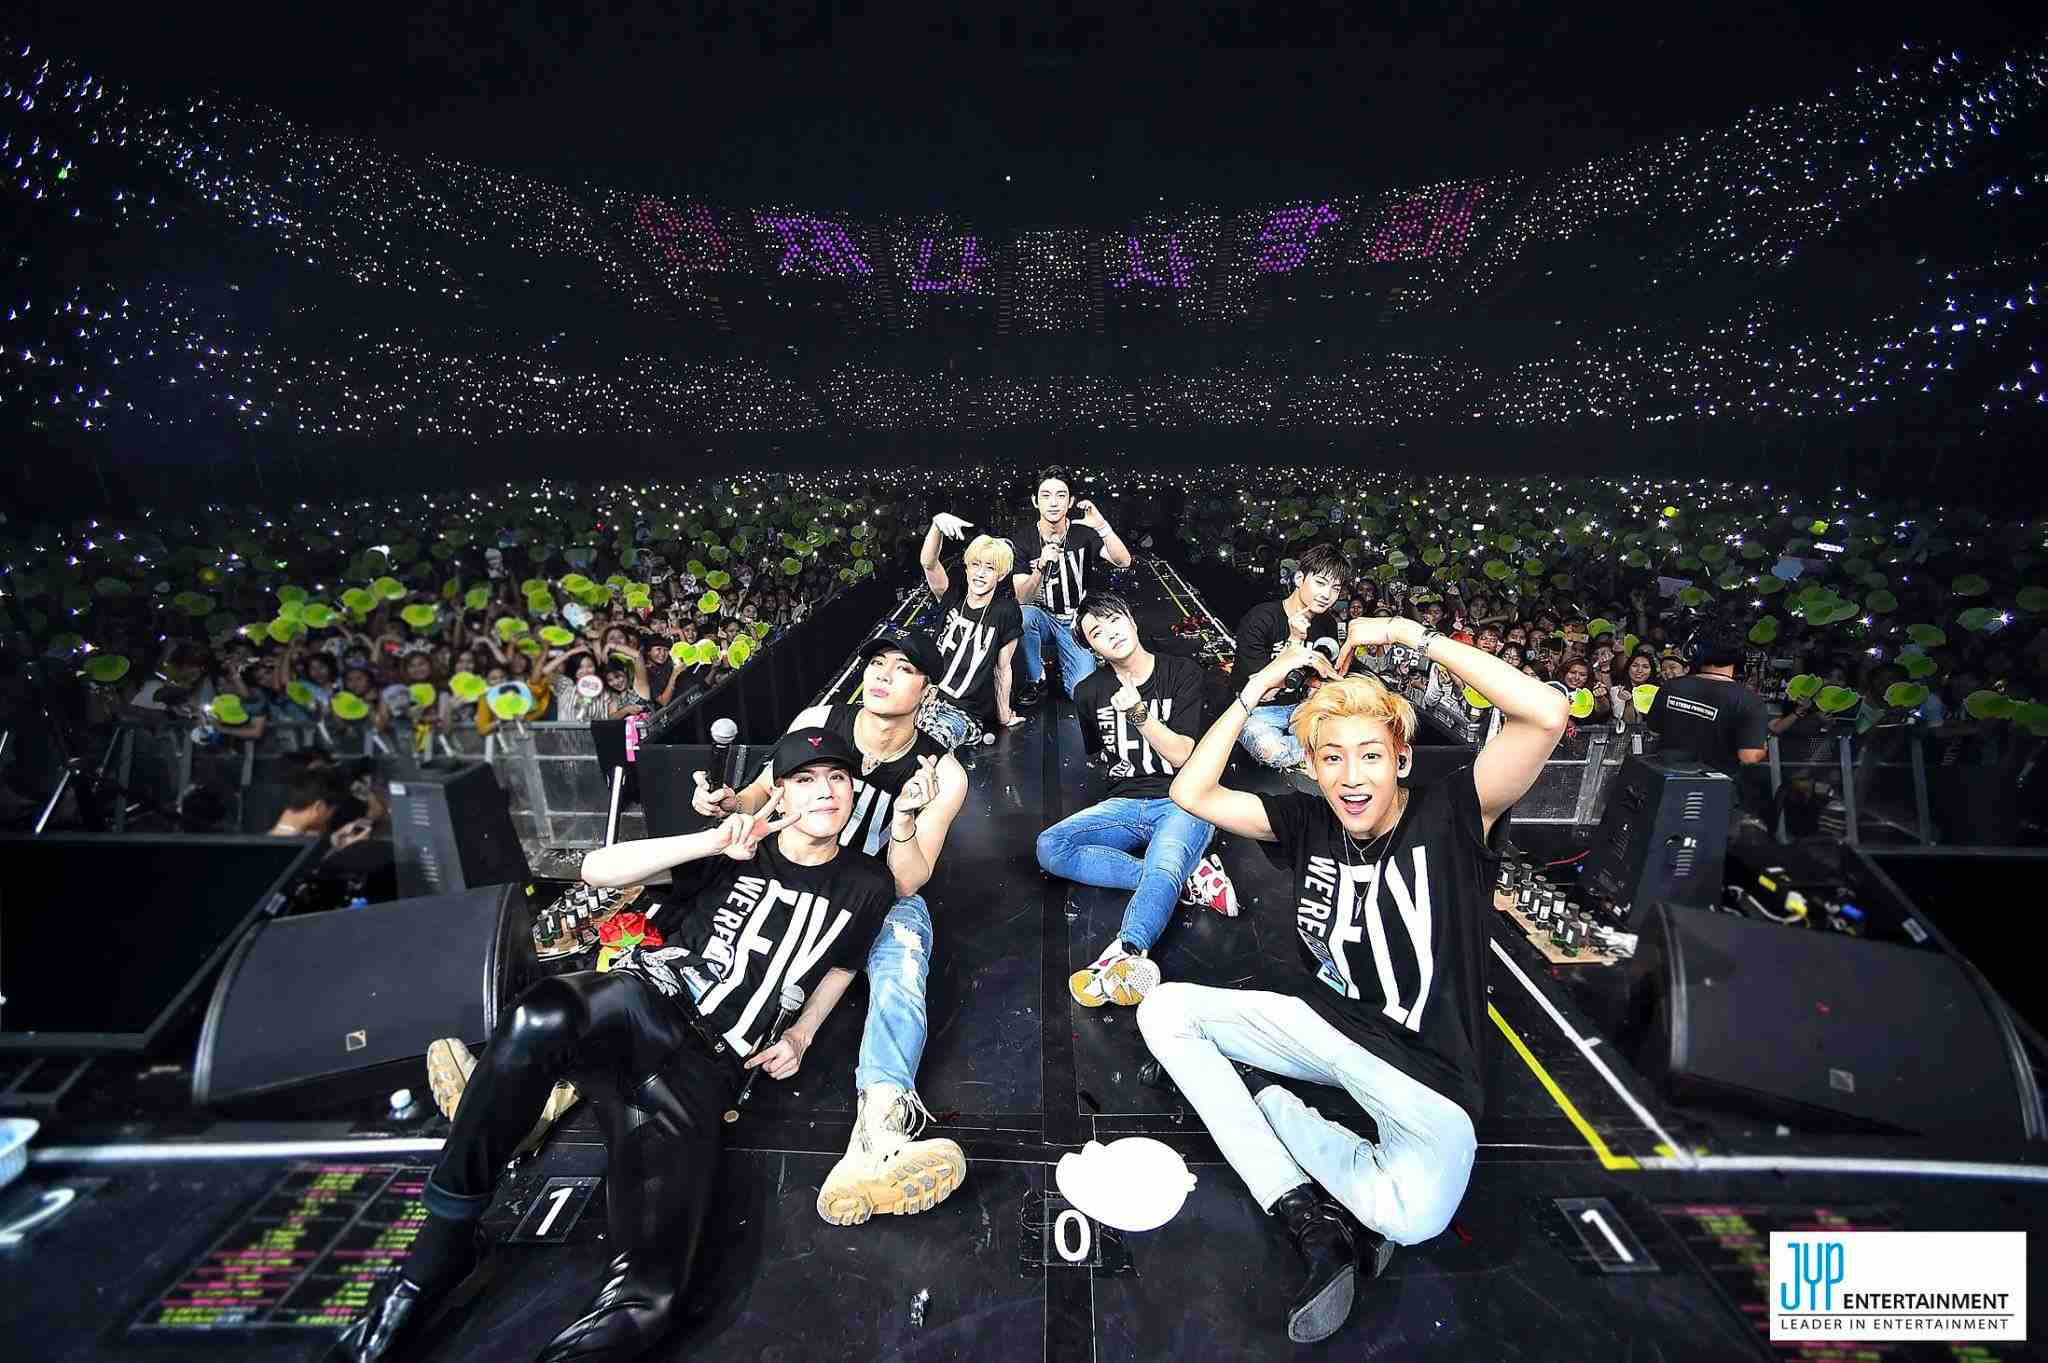 GOT7 因為有香港籍成員Jackson、泰國籍成員Bambam,GOT7在海外市場的反應都非常好,而且今年更有不少在海外的演唱會,但在韓國眾多男團中知名度似乎不能算頂尖。